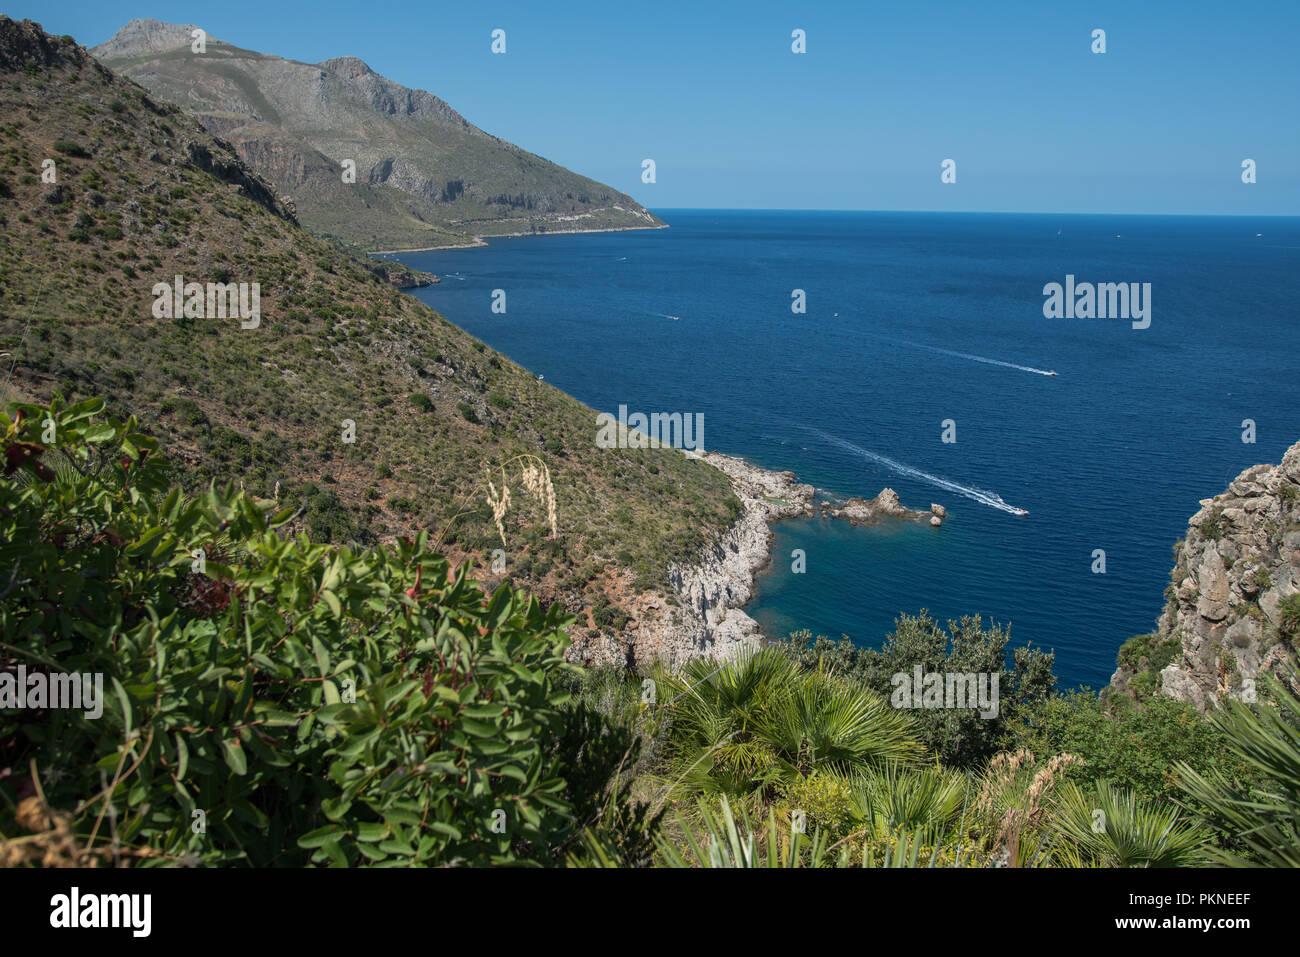 Küste im Zingaro Nationalpark auf Sizilien - Stock Image